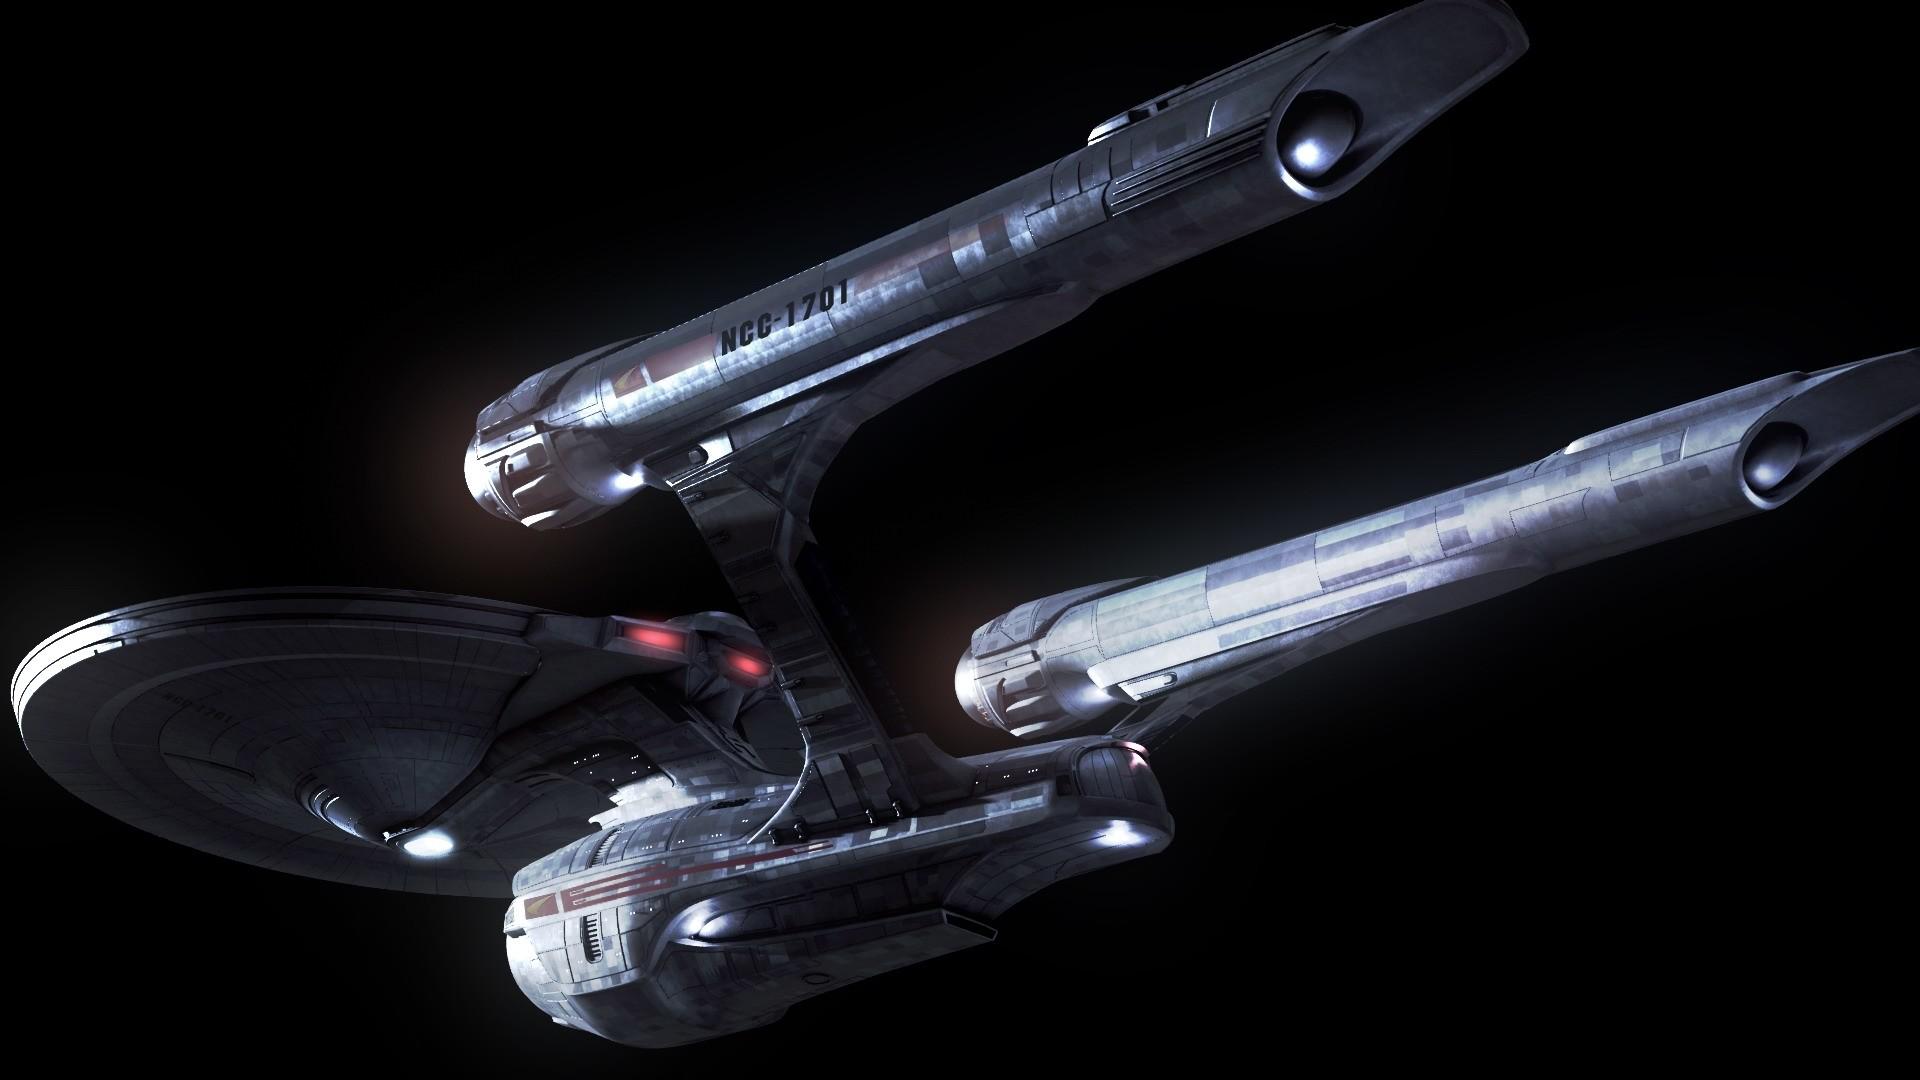 49b7f40cfe07cf940374b66ecd66ba5e.jpg (1920×1080)   Favorite things    Pinterest   Star trek, Trek and Star trek ships